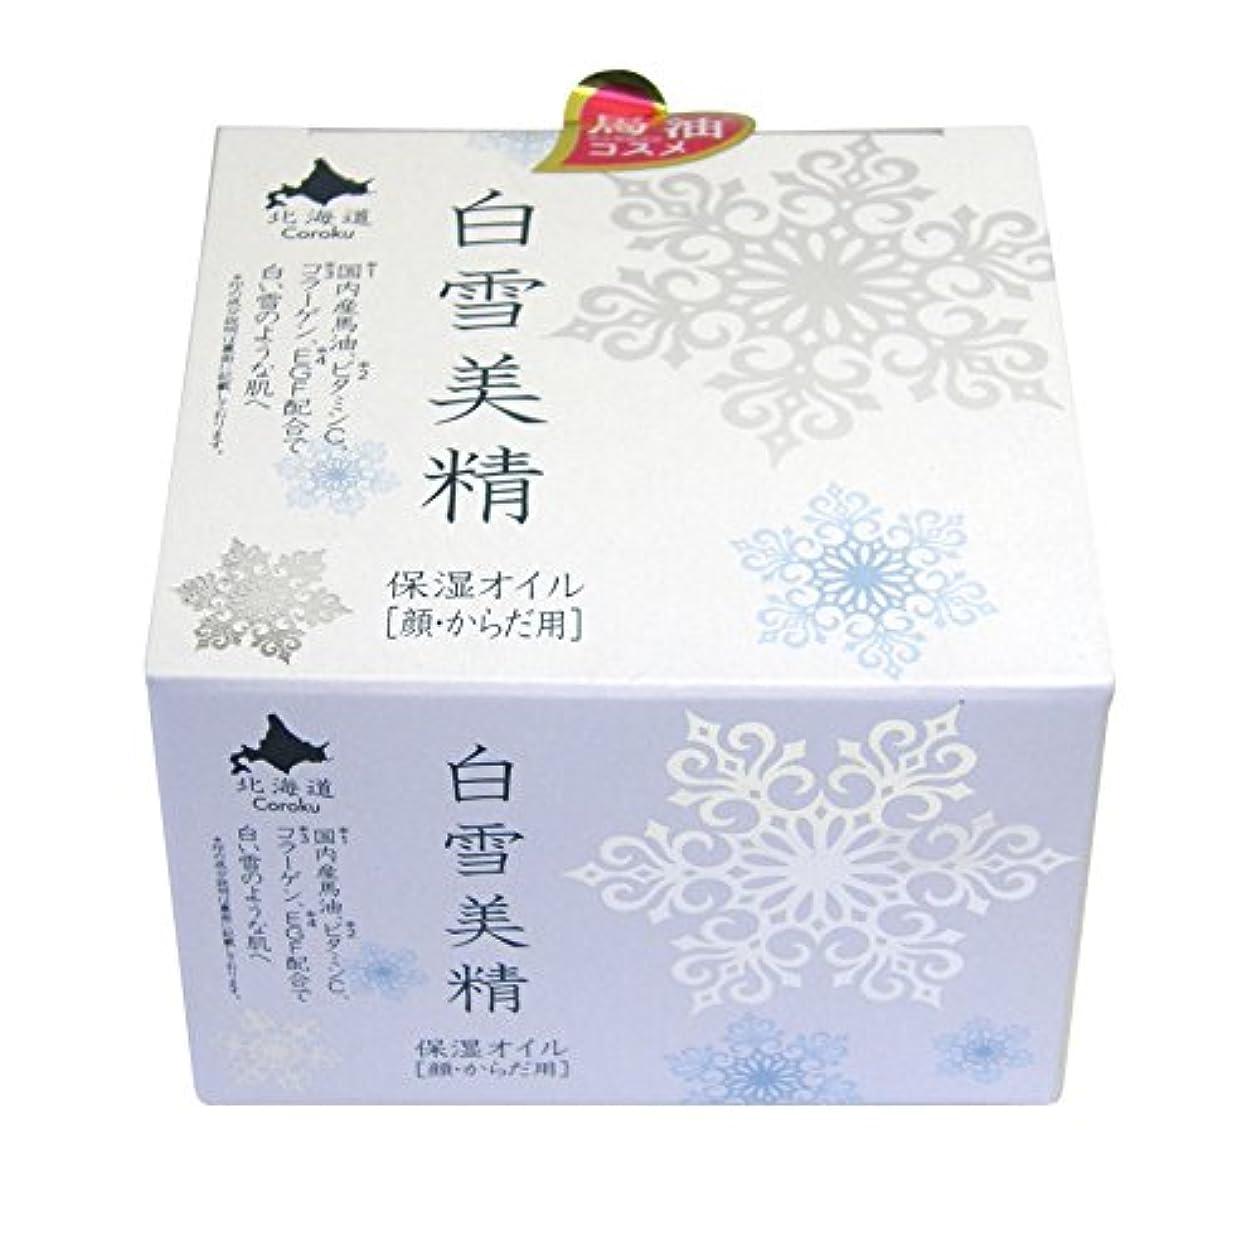 分類する誰が強調するCoroku 白雪美精保湿オイル(顔?からだ用) 100ml